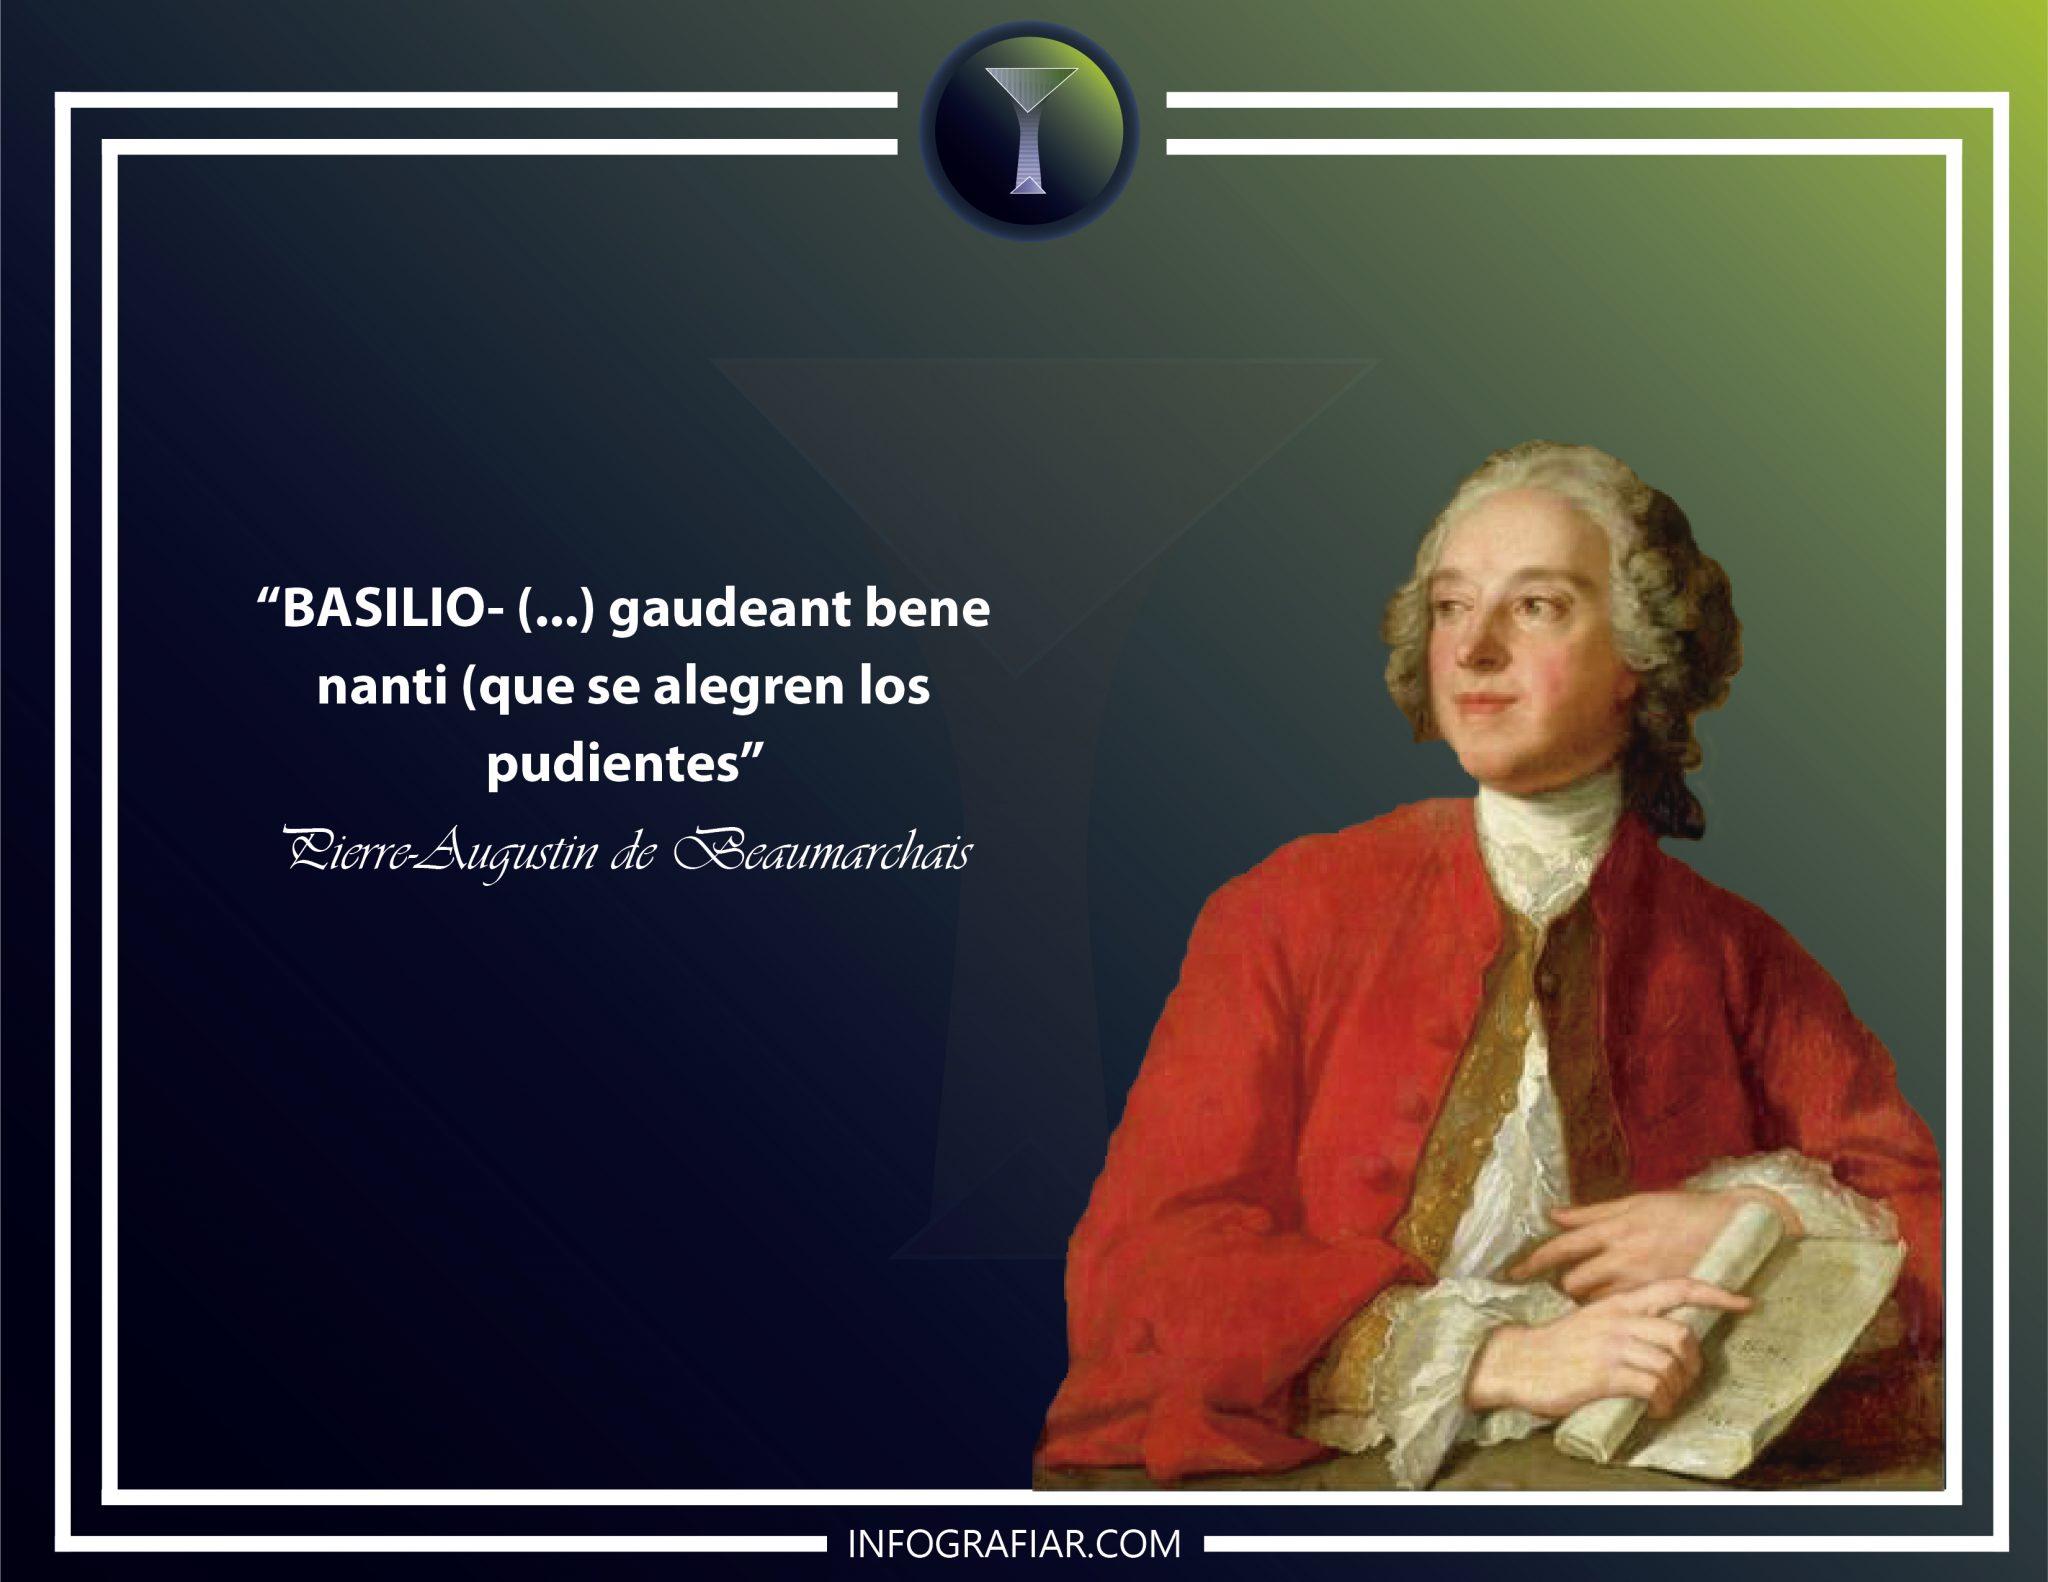 Pierre Augustin de Beaumarchais 3-05